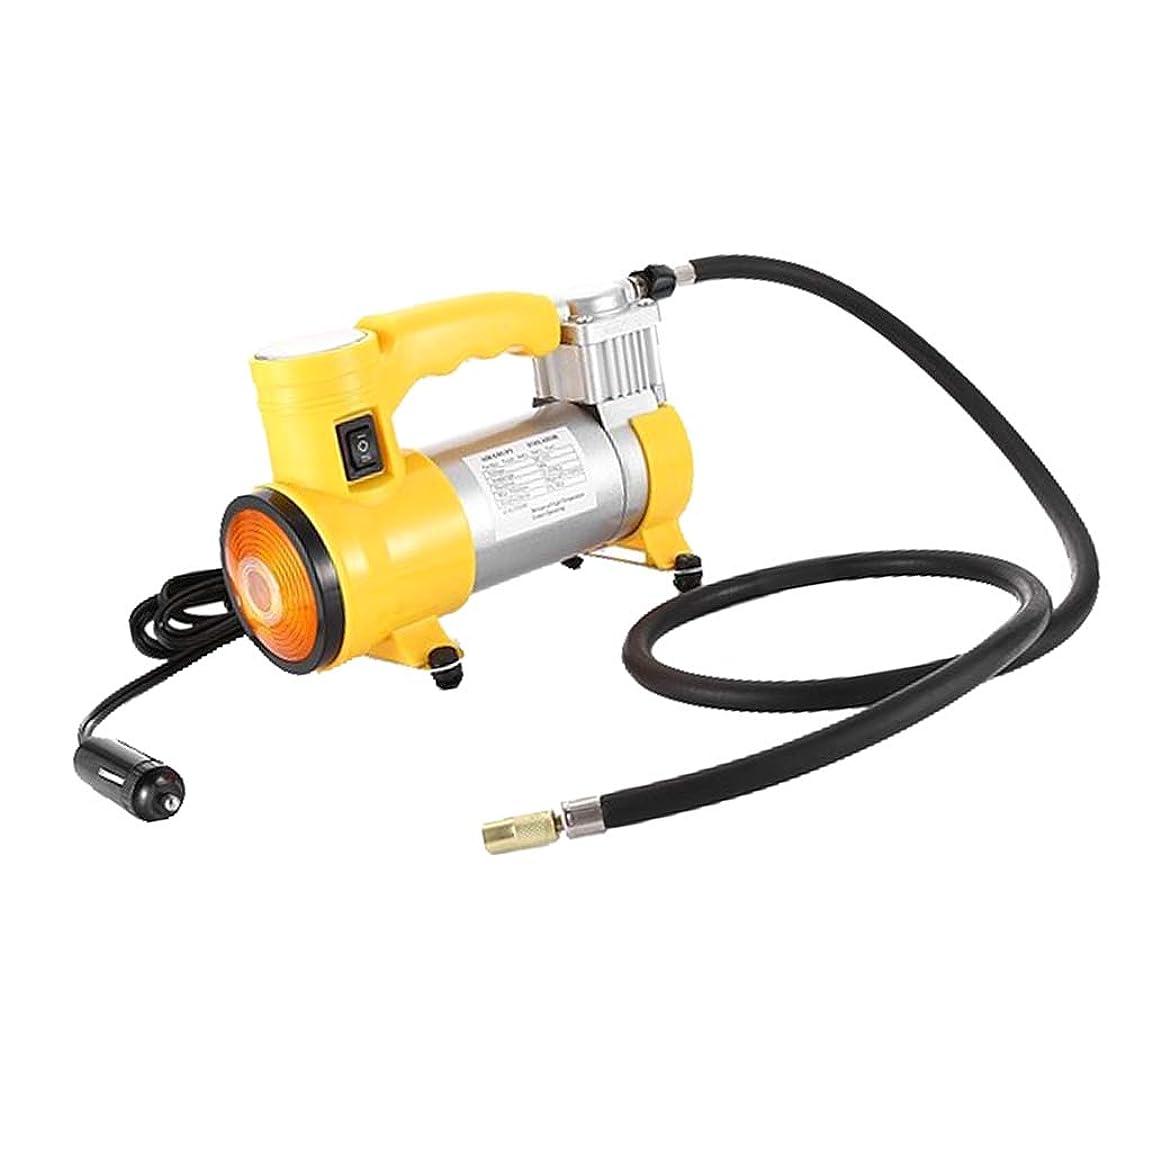 スペルコントローラ甘味12V ミニ タイヤインフレータ 空気入れ 車 ボール おもちゃに適合 LEDライト 圧力計付き プロ仕様